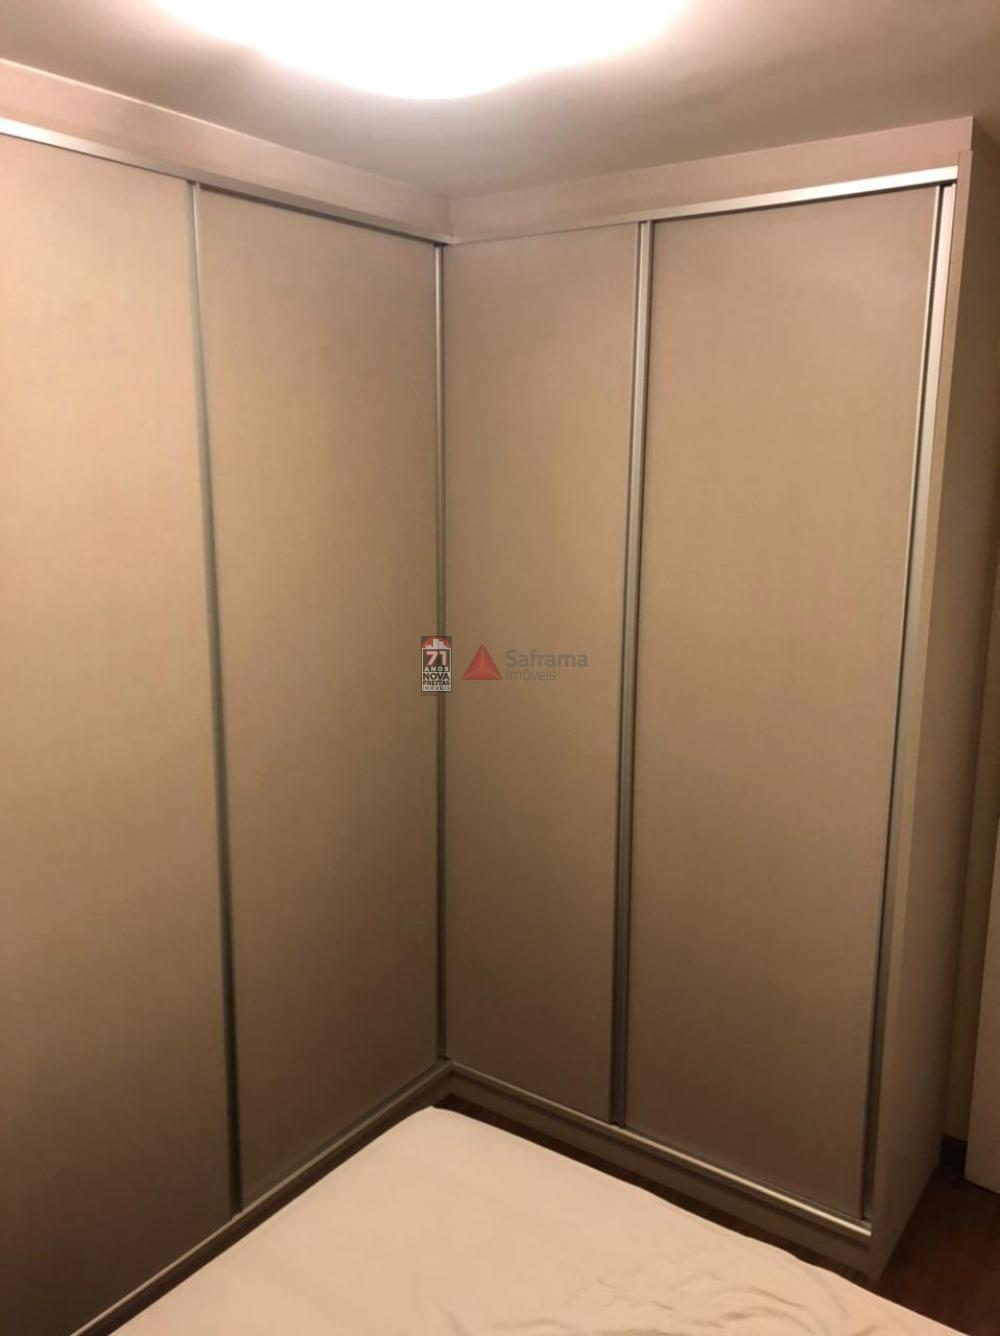 Comprar Apartamento / Padrão em Pindamonhangaba R$ 400.000,00 - Foto 13